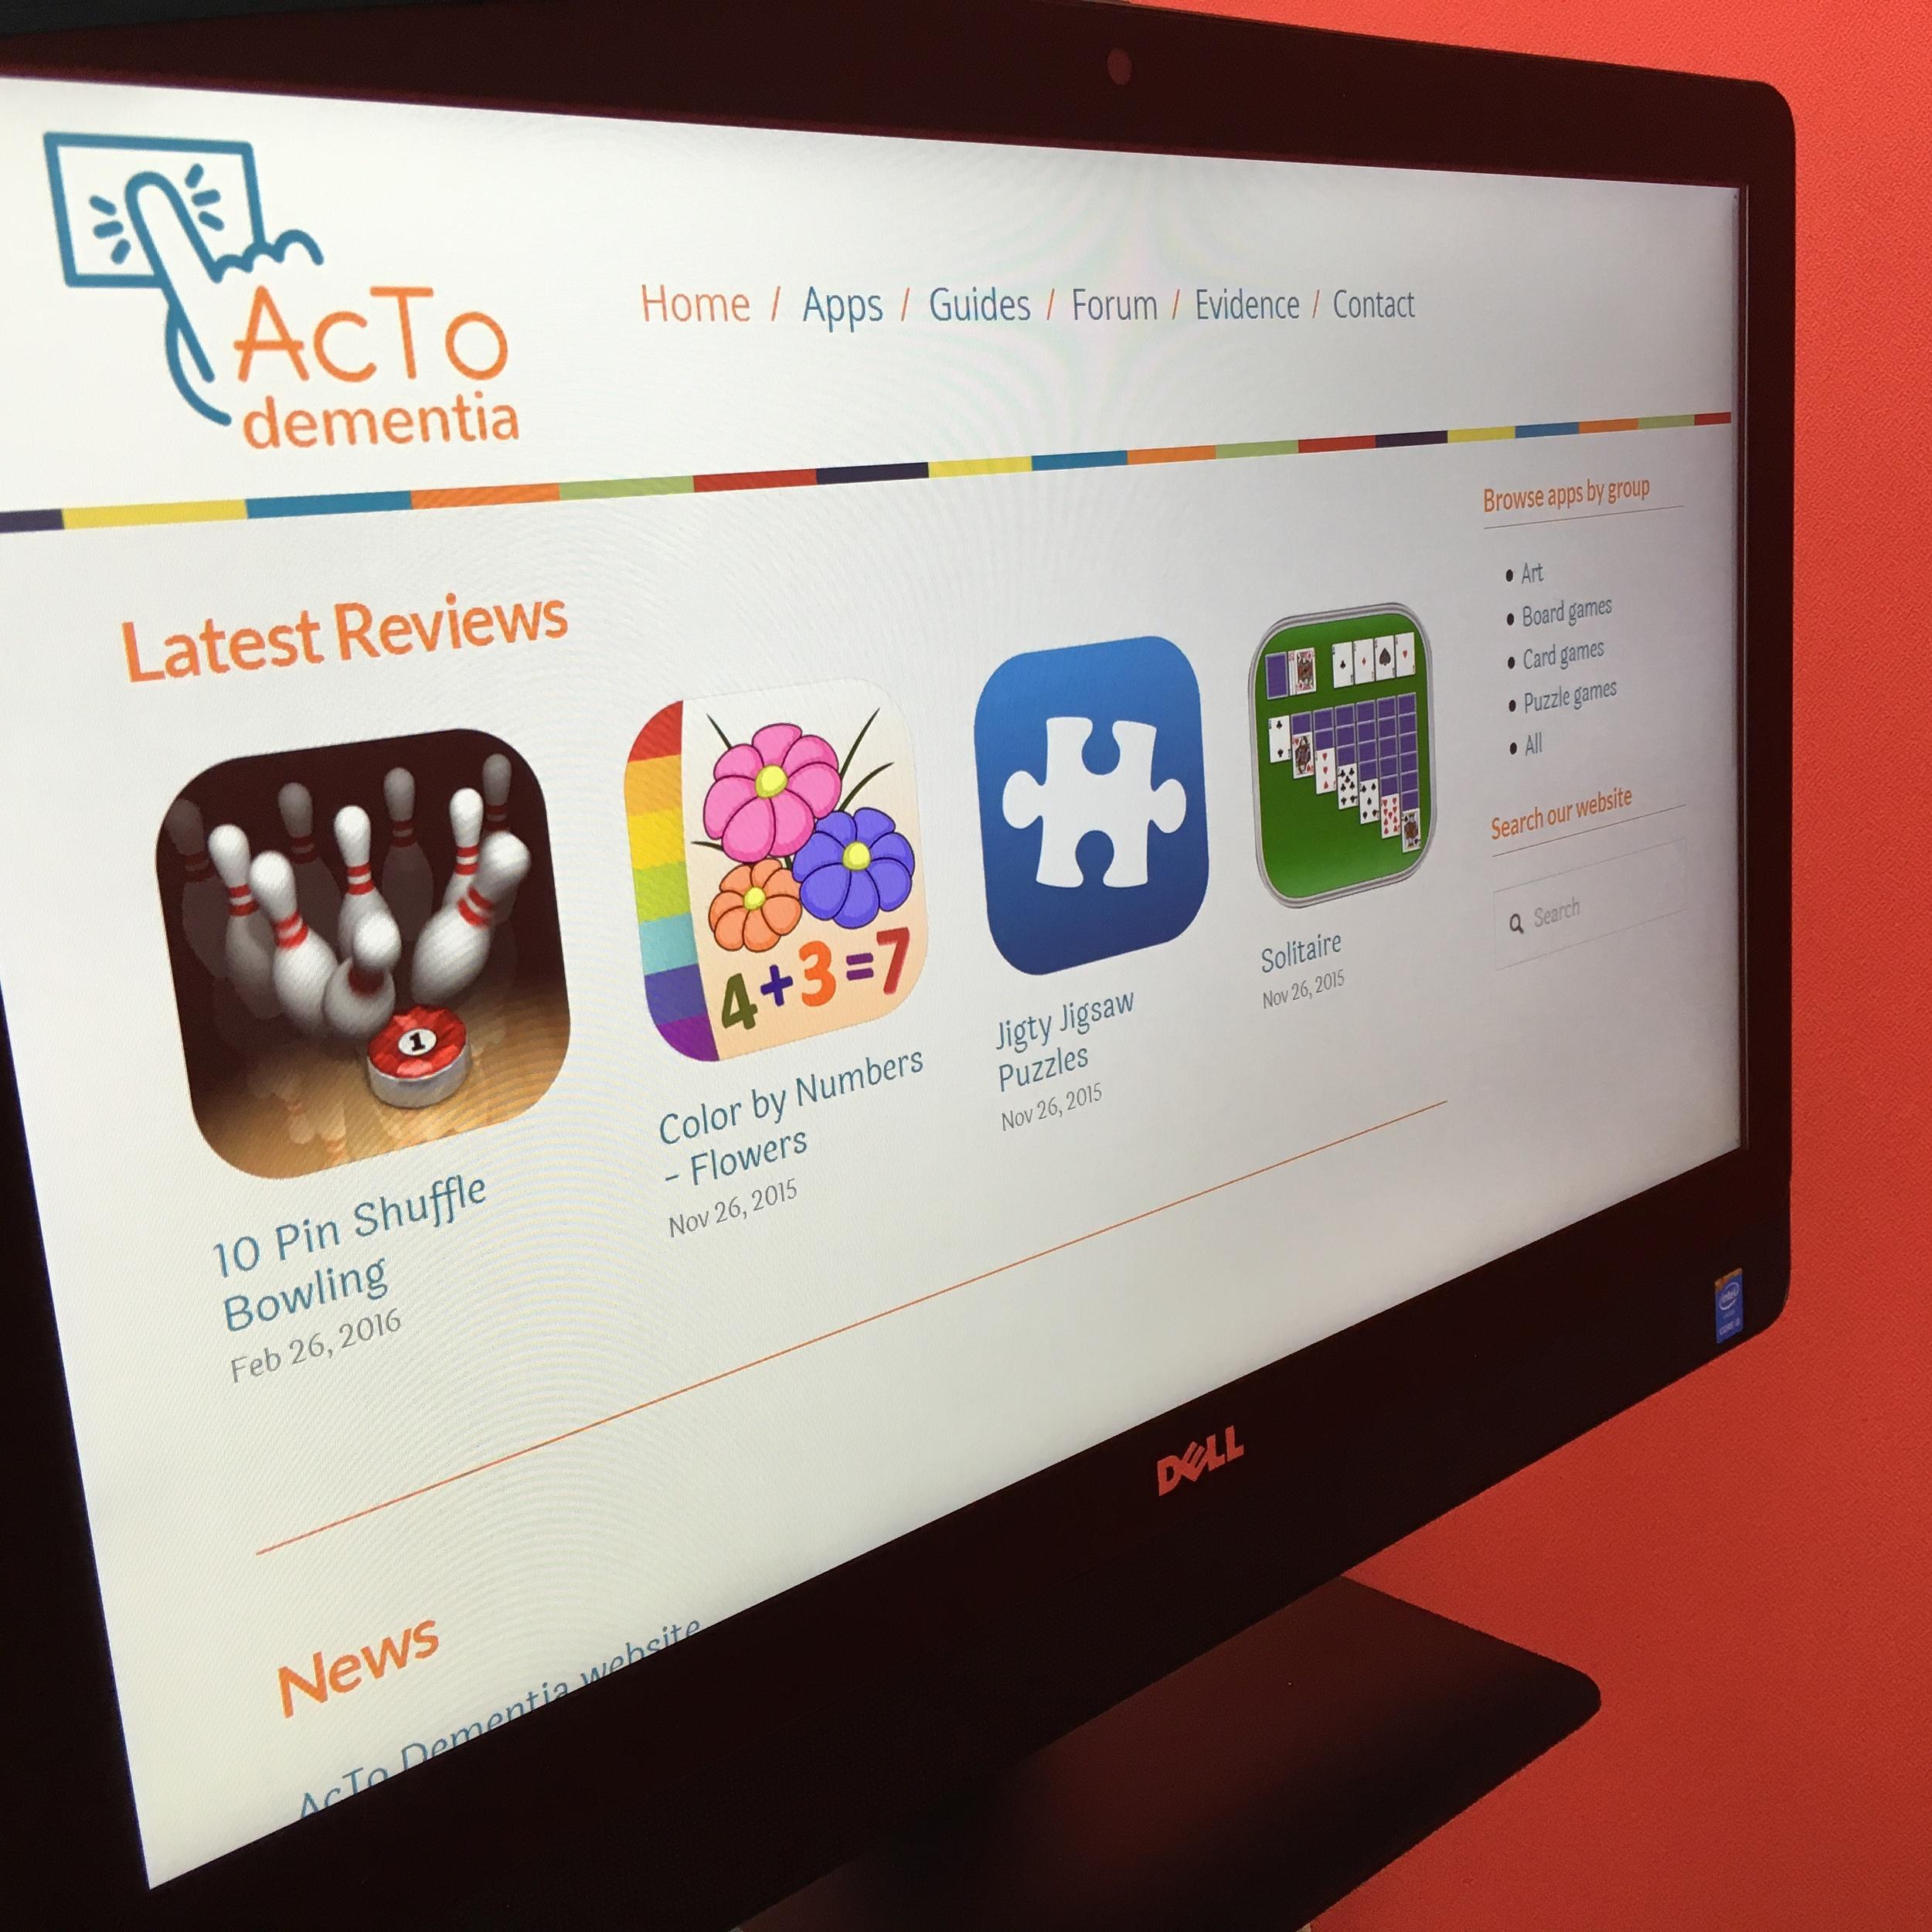 AcTo Dementia Website